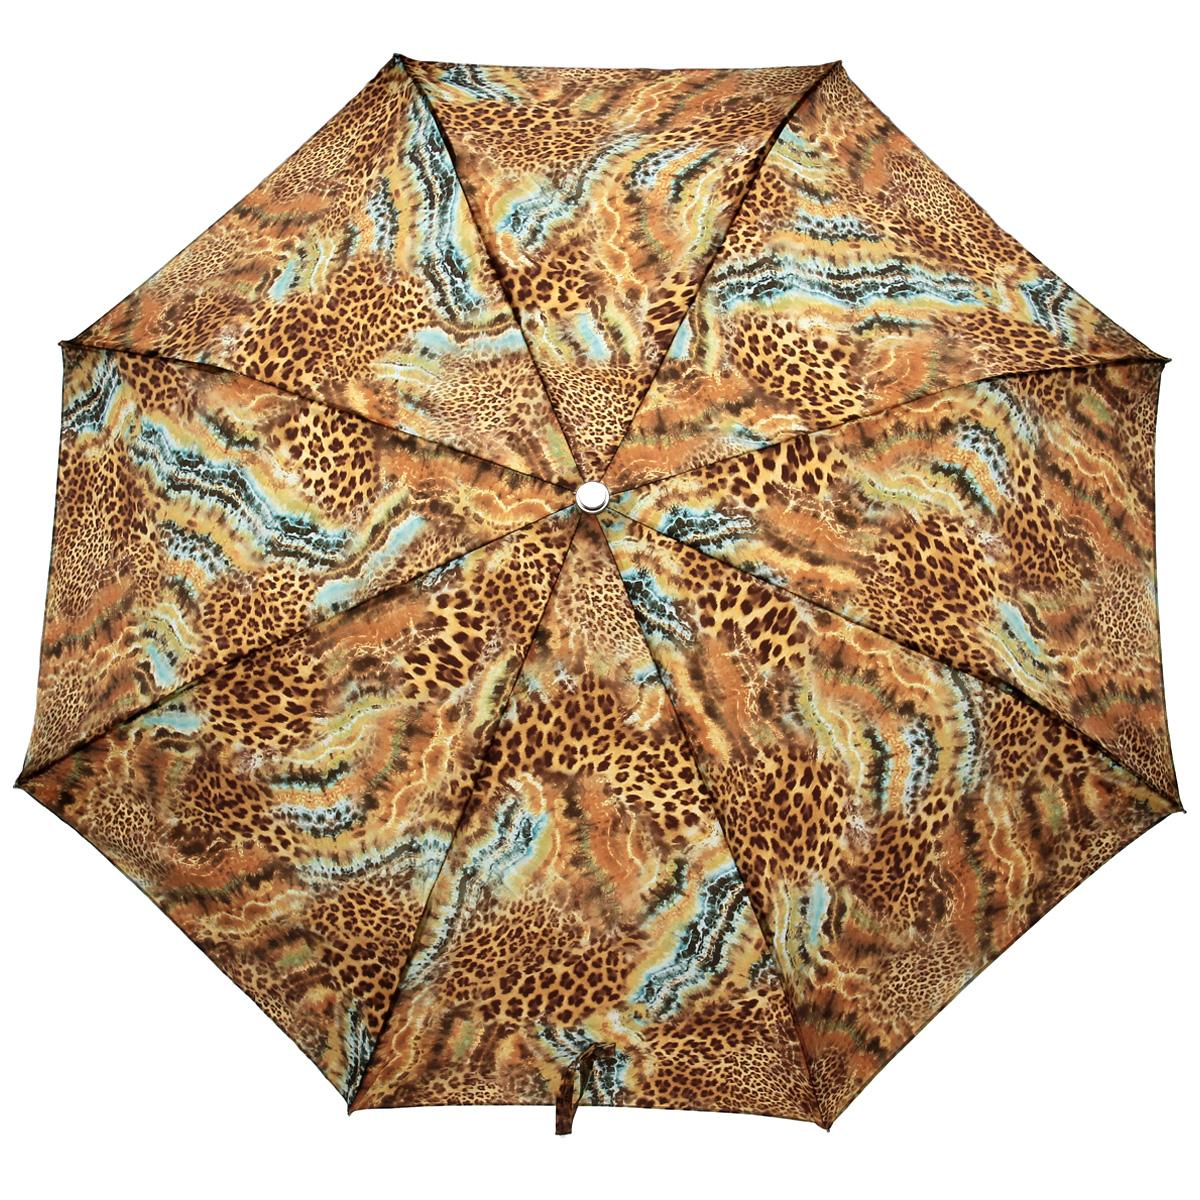 Зонт женский Pasotti, автомат, 3 сложения, леопардовый261-56084-1Стильный автоматический зонт Pasotti в 3 сложения даже в ненастную погоду позволит вам оставаться стильной и элегантной. Рукоятка разработана с учетом требований эргономики и выполнена из металла. Каркас зонта из стали состоит из восьми карбоновых спиц. Зонт имеет полный автоматический механизм сложения: купол открывается и закрывается нажатием кнопки на рукоятке, стержень складывается вручную до характерного щелчка, благодаря чему открыть и закрыть зонт можно одной рукой, что чрезвычайно удобно при входе в транспорт или помещение. Купол зонта выполнен из прочного сатина и оформлен леопардовым принтом. Закрытый купол фиксируется клапаном на кнопке. На рукоятке для удобства есть небольшой шнурок-петля, позволяющий надеть зонт на руку тогда, когда это будет необходимо. Компактные размеры зонта в сложенном виде позволят ему без труда поместиться в сумочке и не доставят никаких проблем во время переноски. К зонту прилагается чехол.